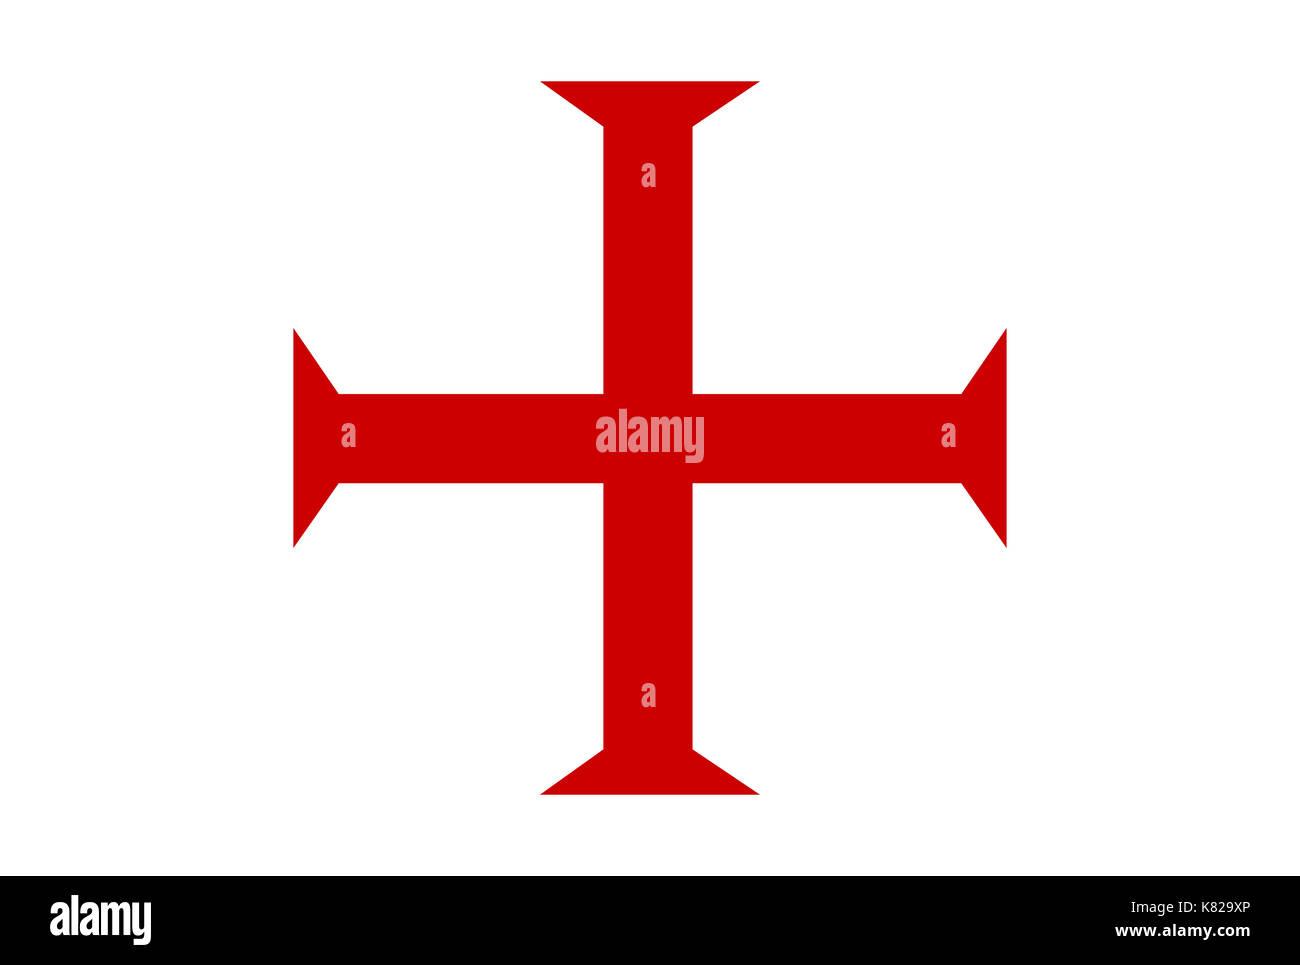 malta order templar knights red cross symbol - Stock Image